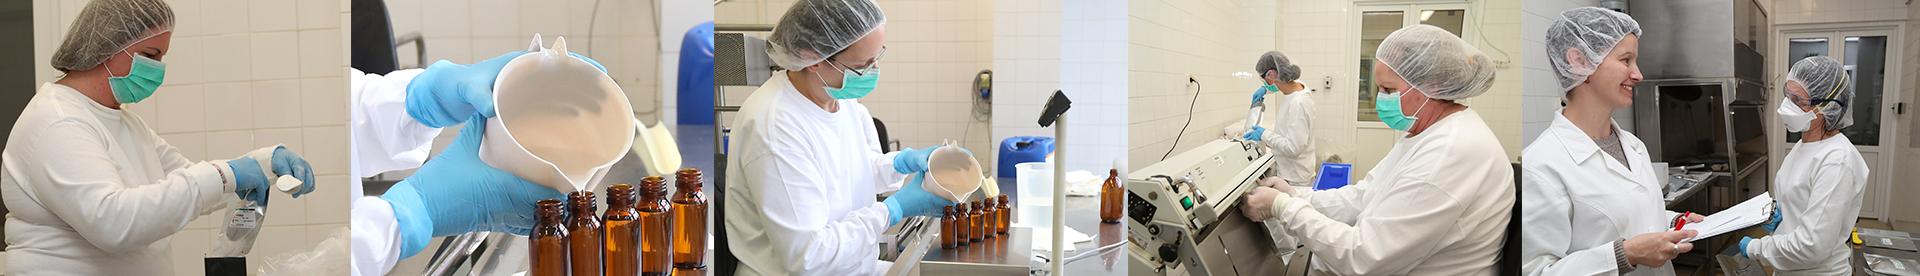 Anyagvizsgáló laboratórium, gyógyszer alapanyag